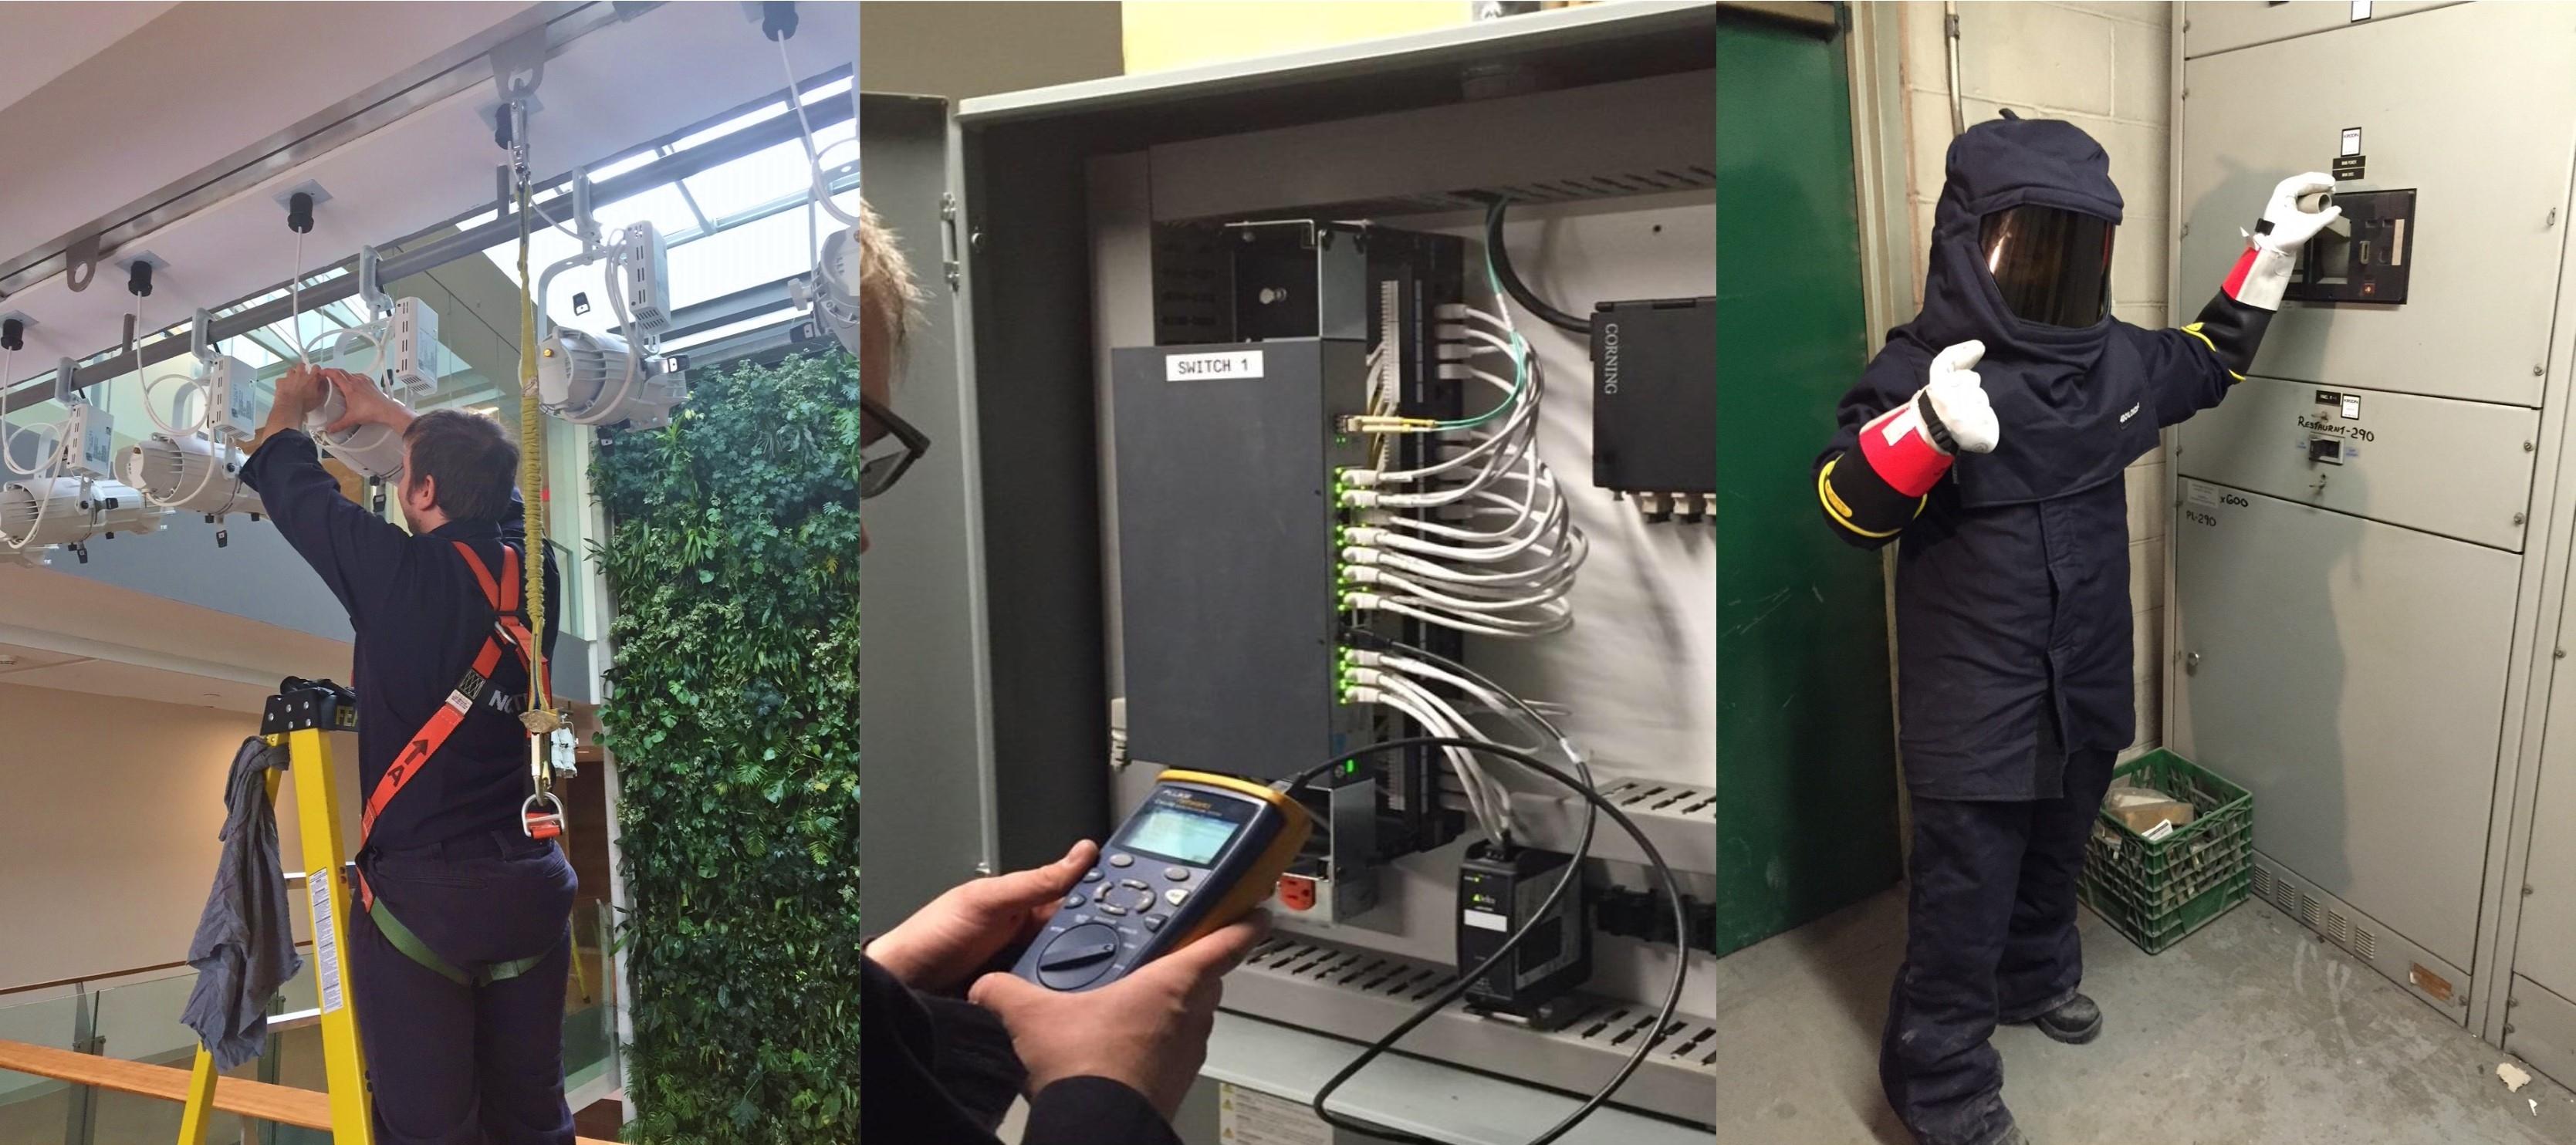 Une série de photos illustrant le personnel en train de travailler sur des lumières devant le mur vivant de FSS, sur des câbles et en costume anti arc électrique.